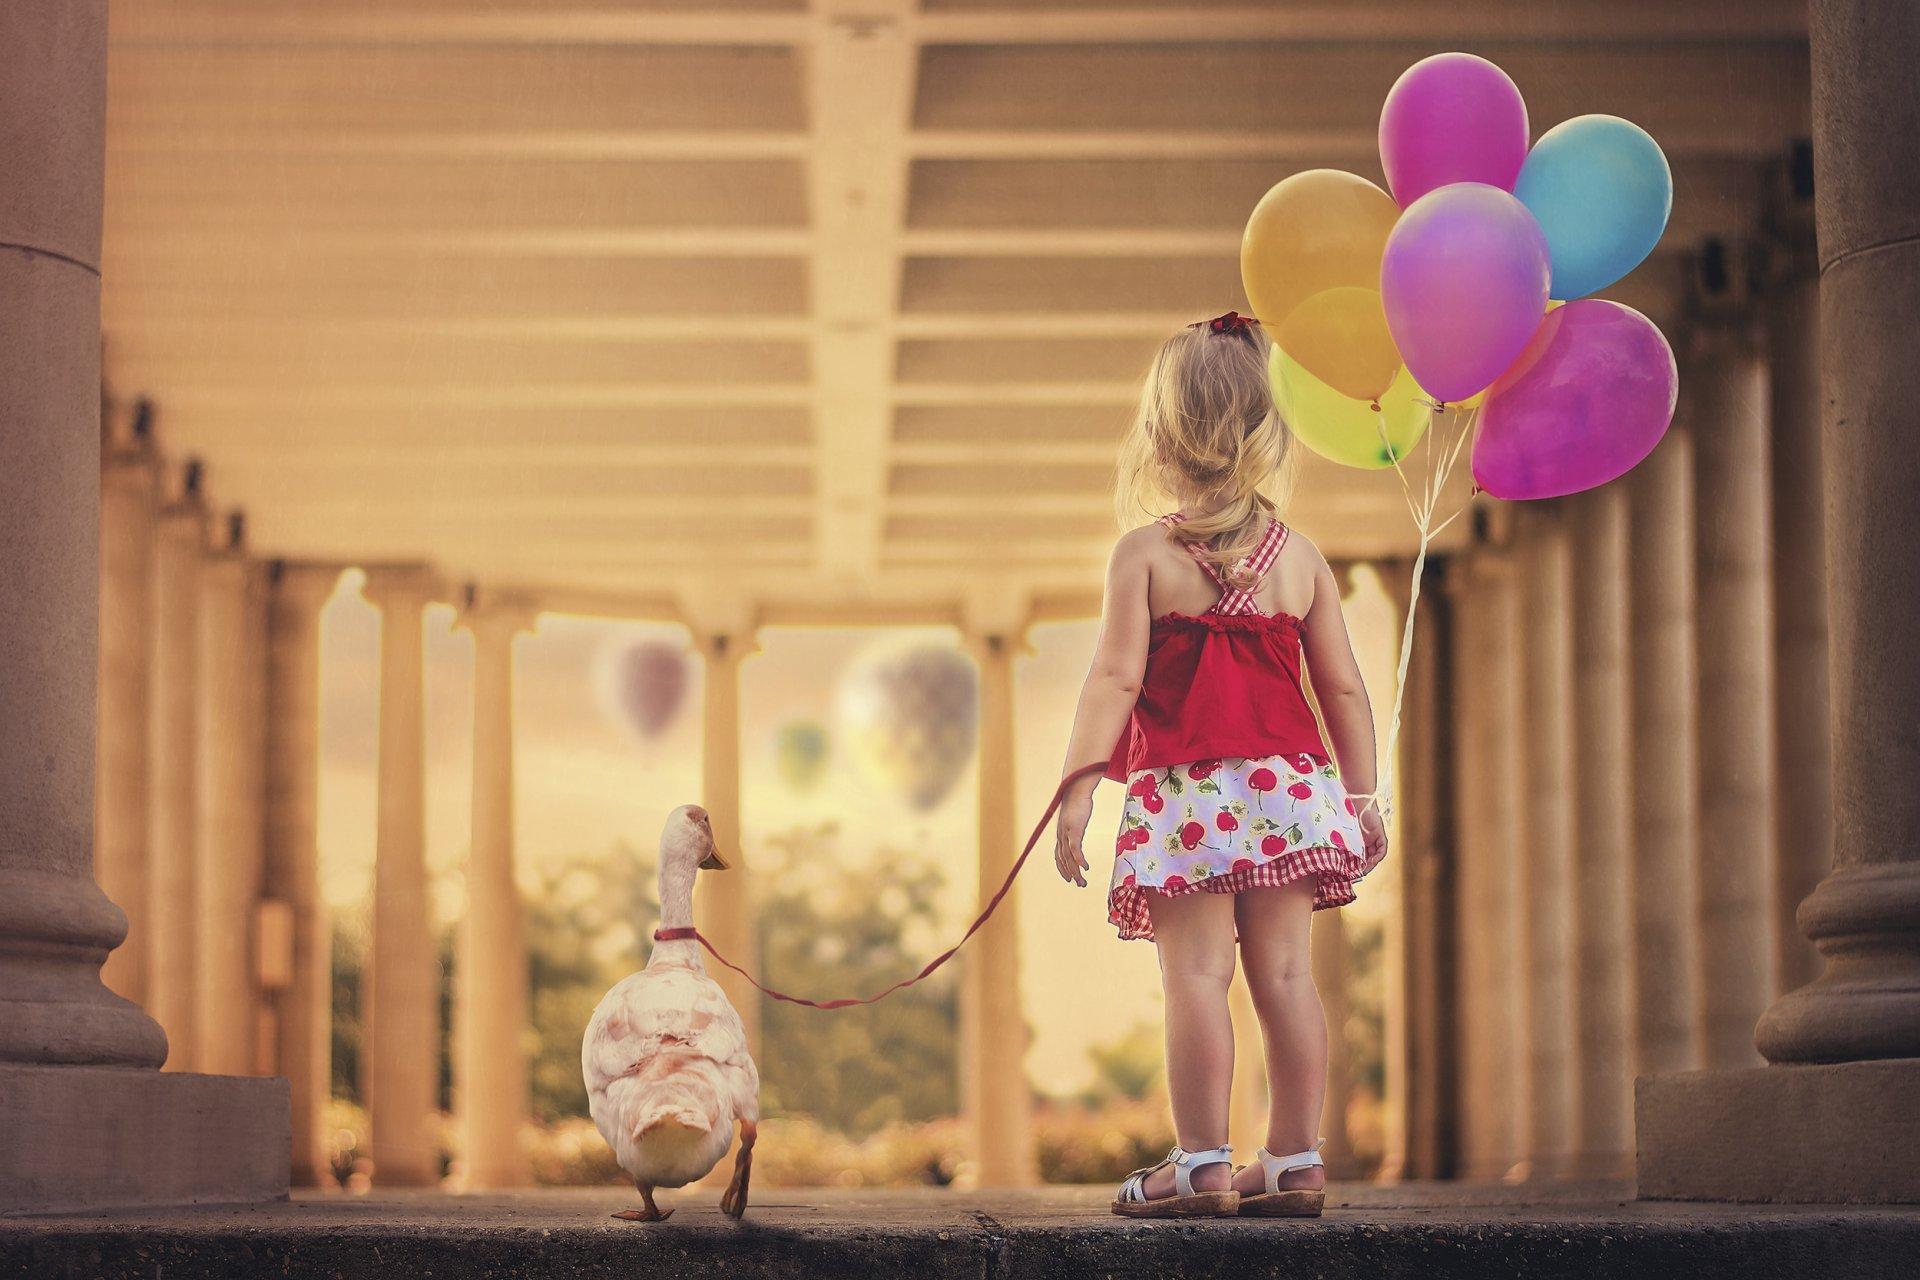 Картинка ребенок с шариками воздушными, открытки стихами день